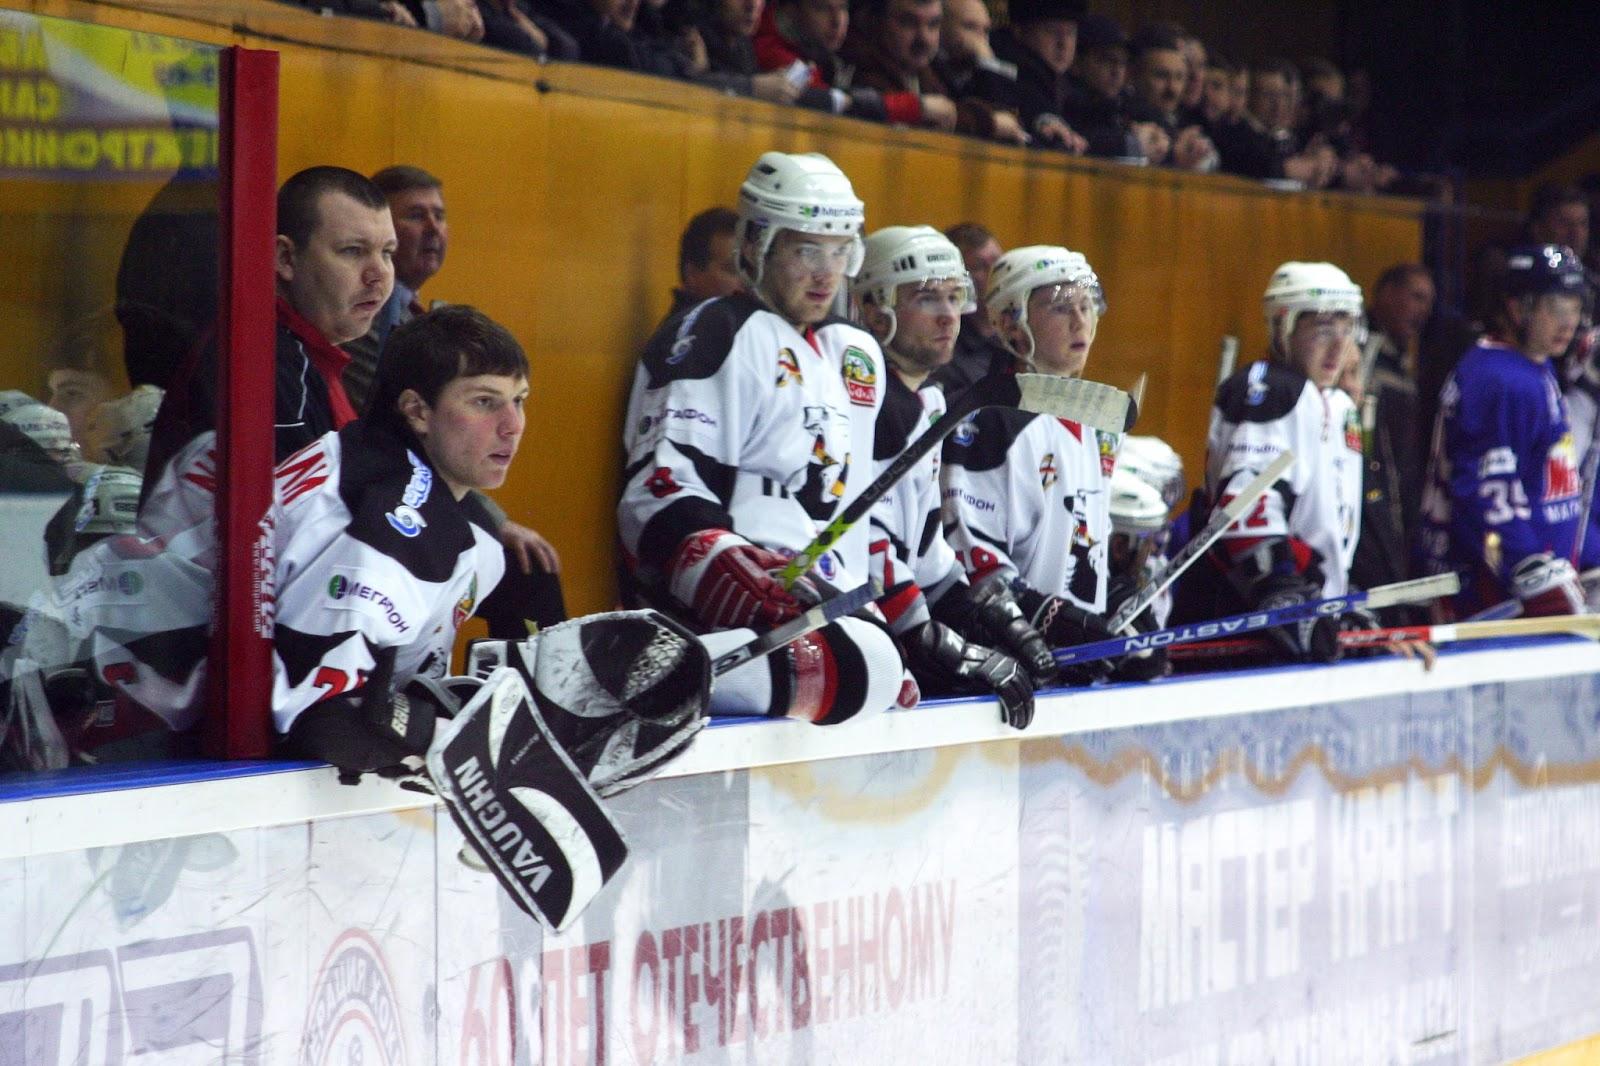 Богданов: Вратари неплохо играют, просто я стараюсь забить